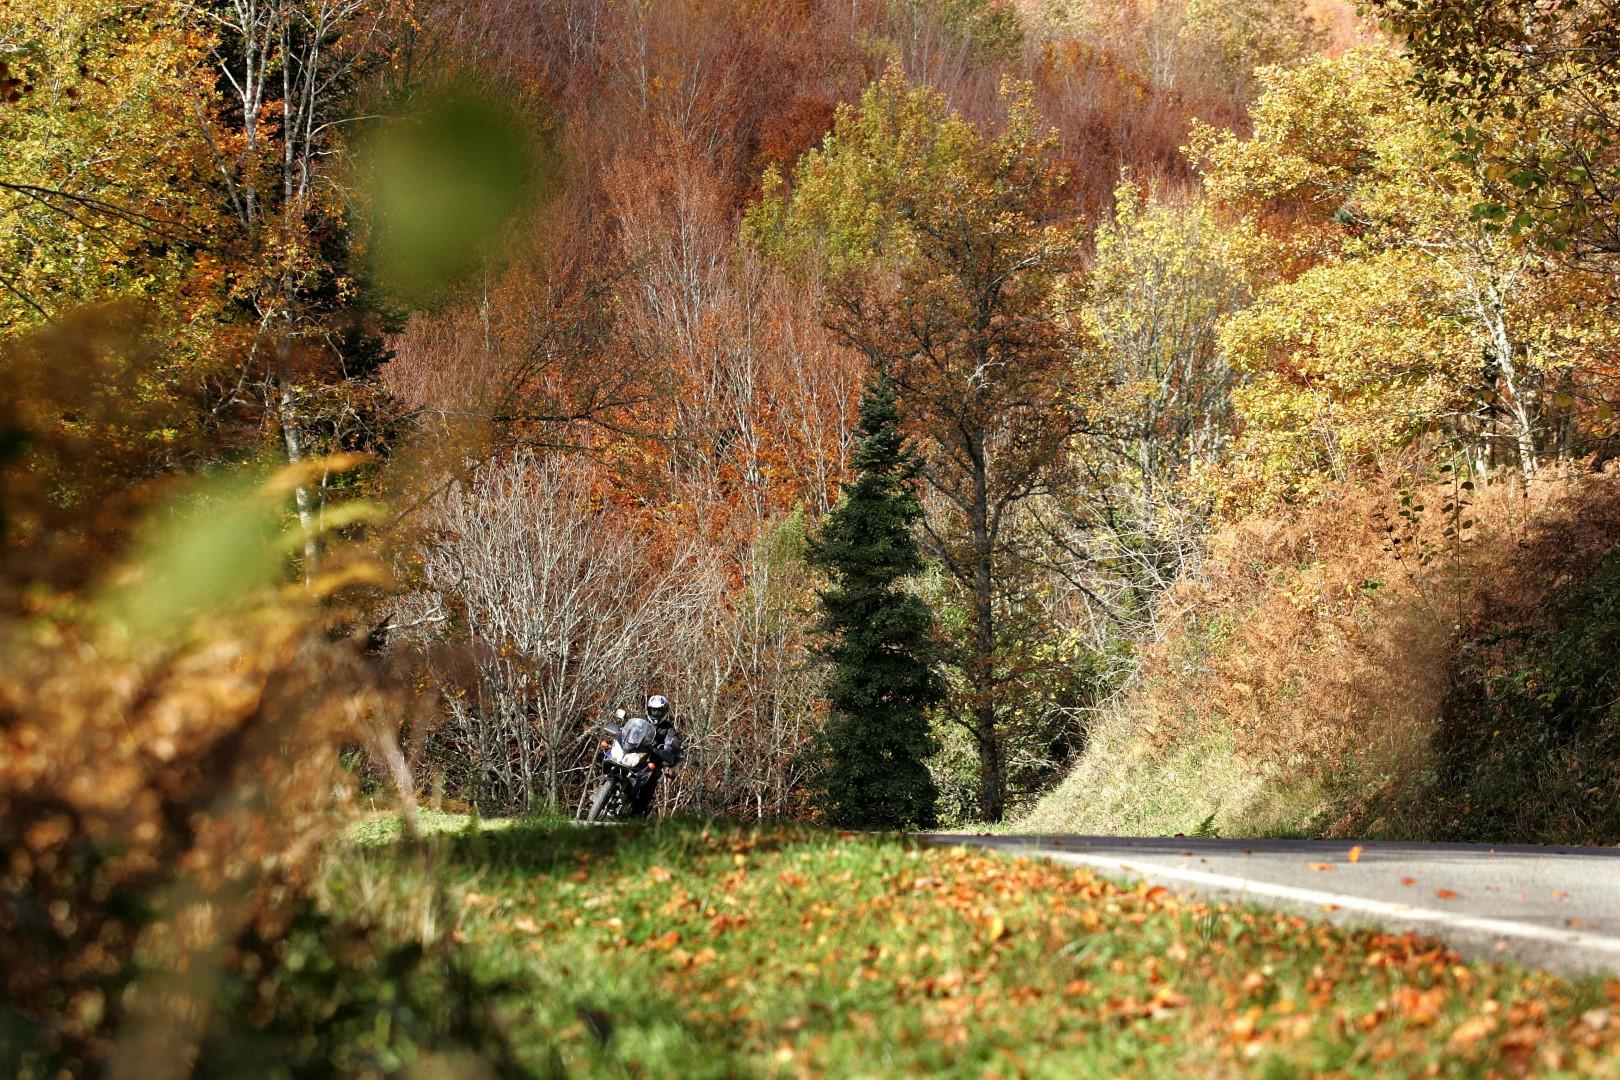 Montar en moto en otoño es idílico... casi siempre